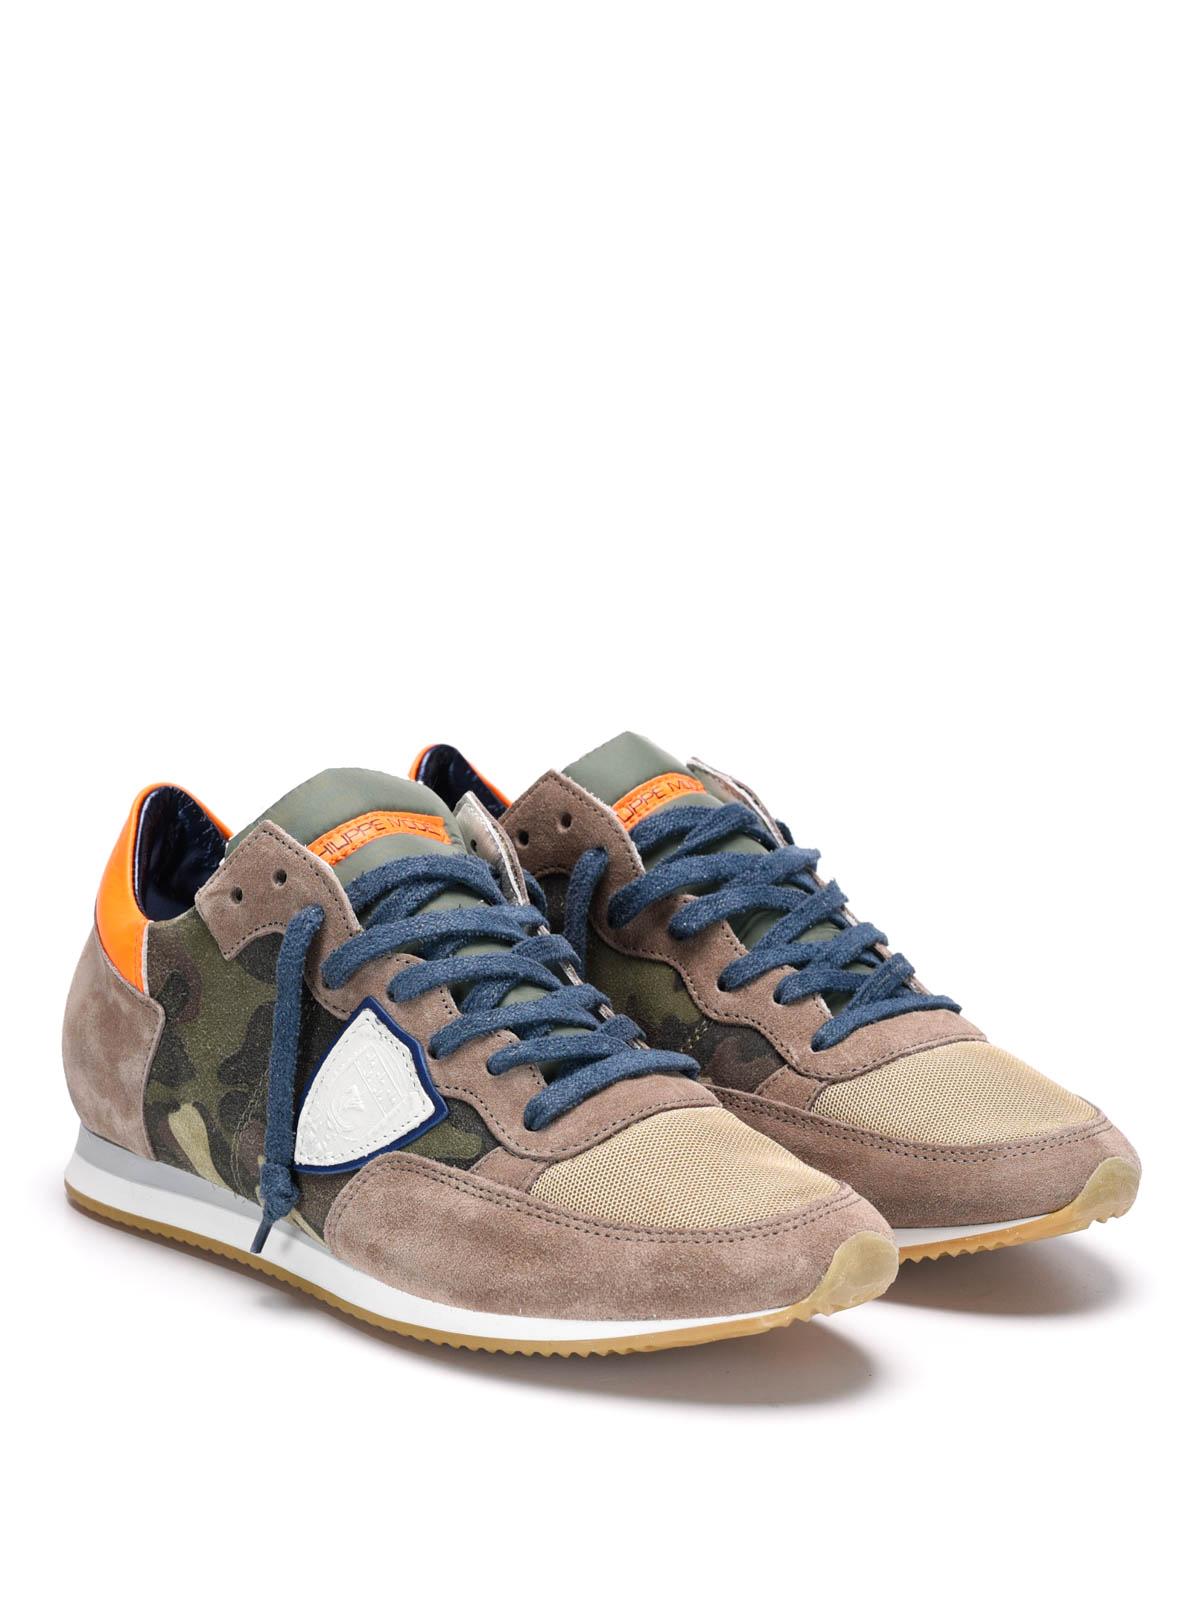 40b1d6cc6c0 PHILIPPE MODEL  Chaussures de sport online - Tropez camouflage sneakers